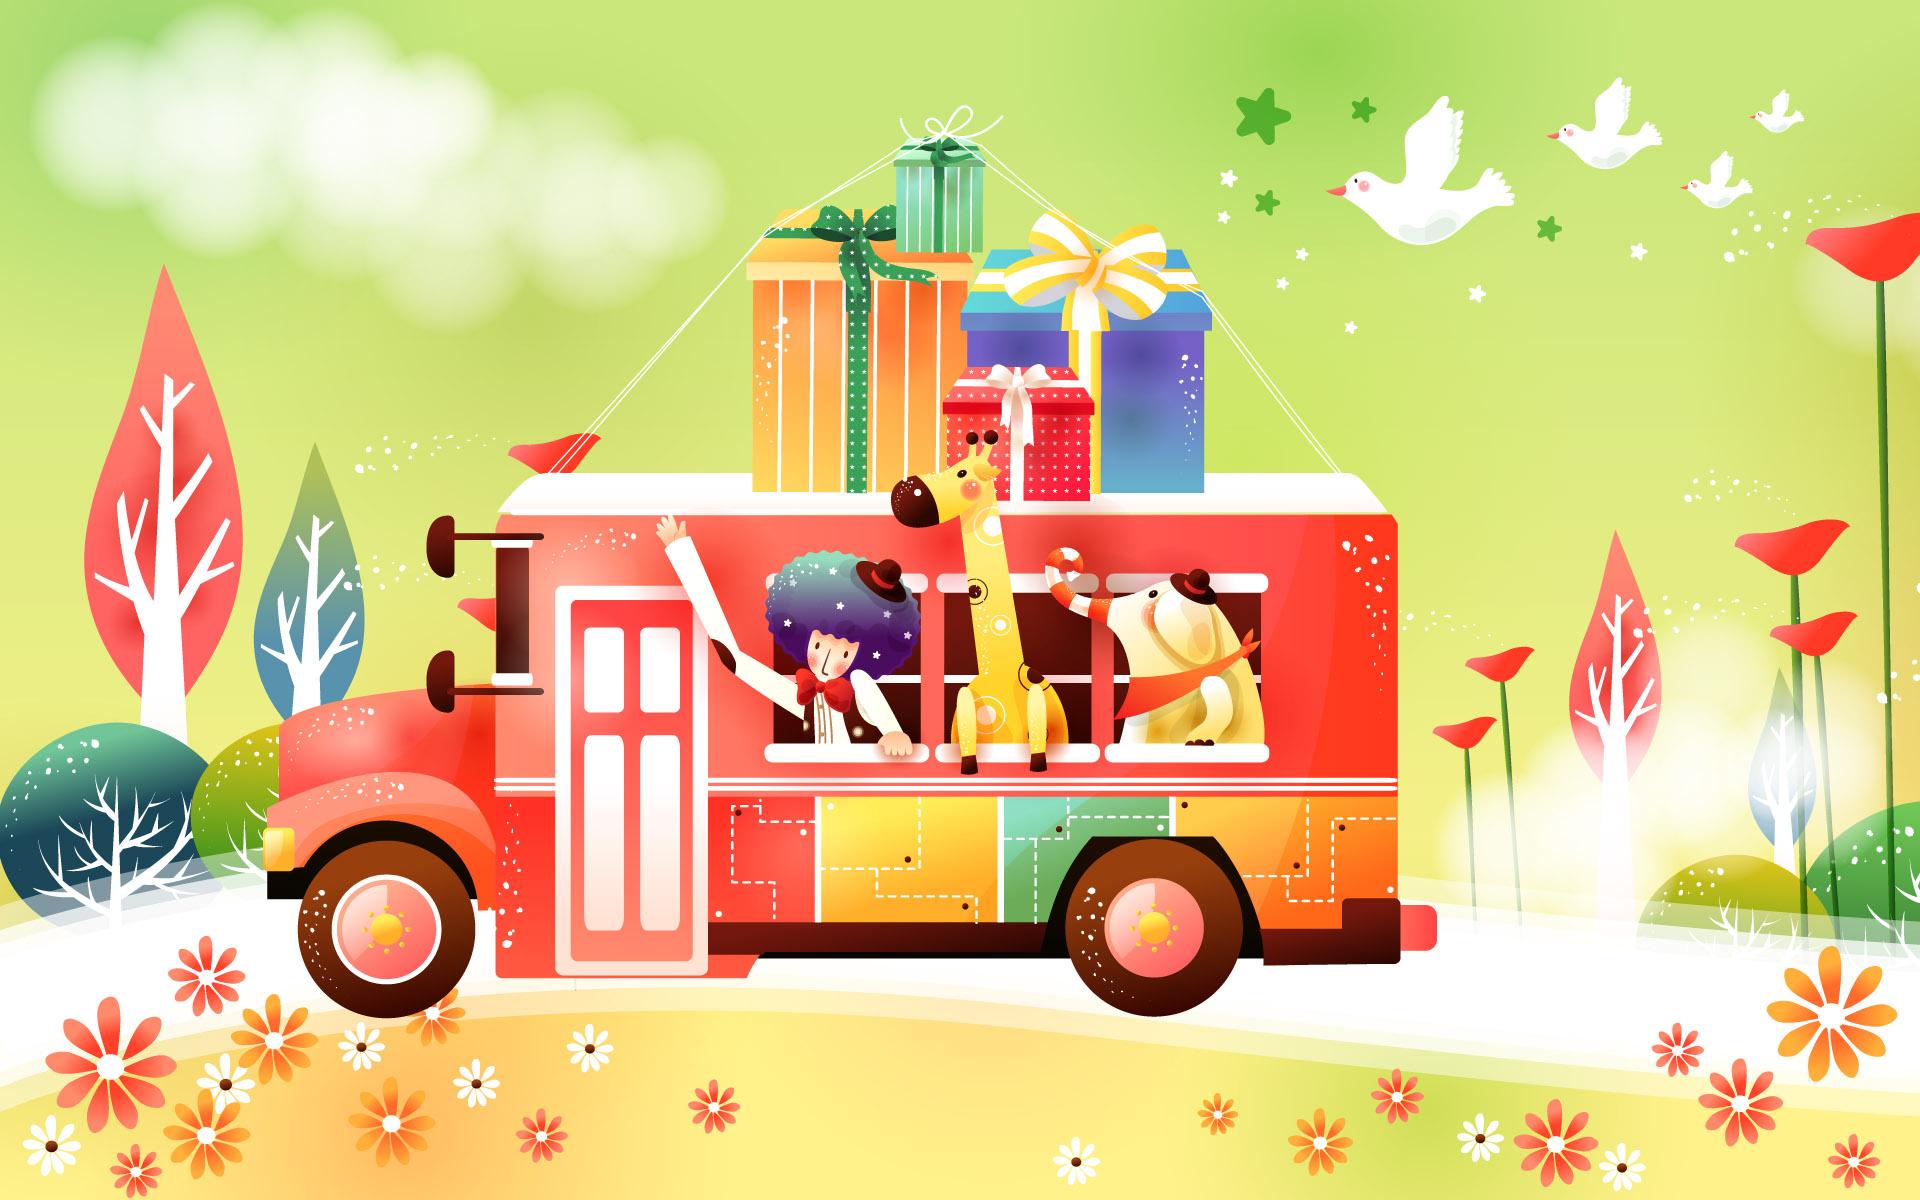 梦幻童话-设计欣赏-素材中国-online.sccnn.com